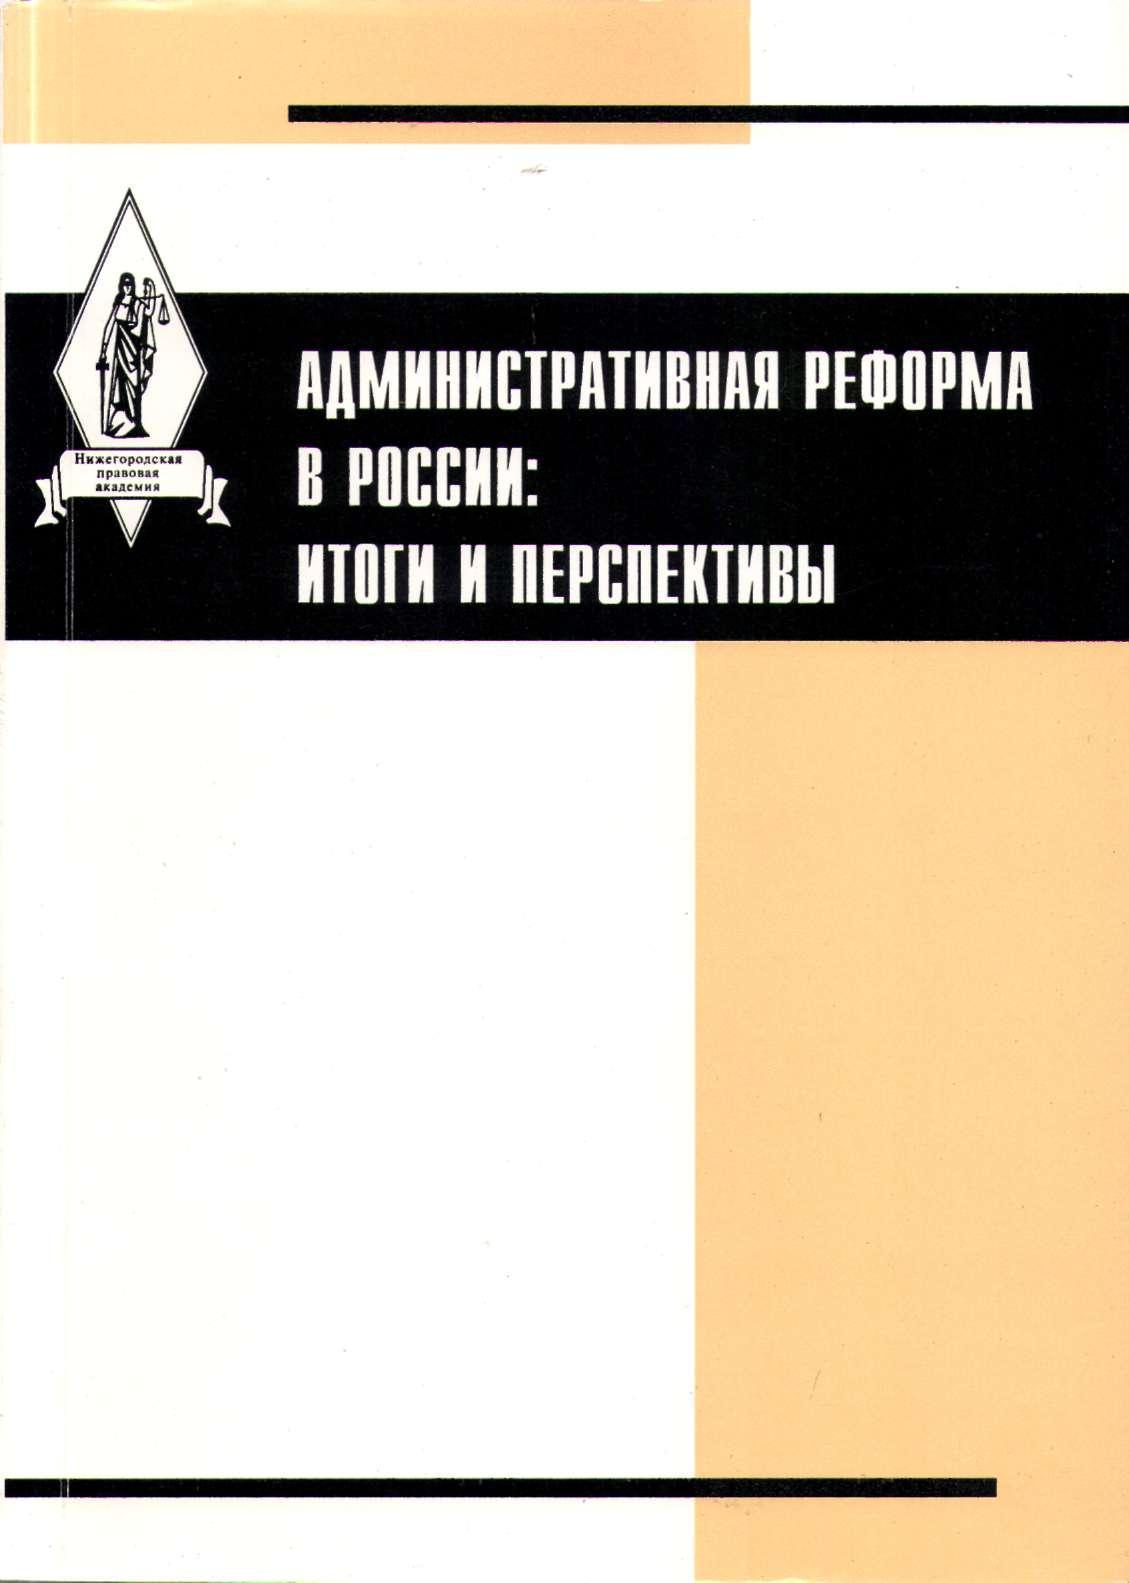 Реформа исполнительной полиции России второй половины XIX столетия